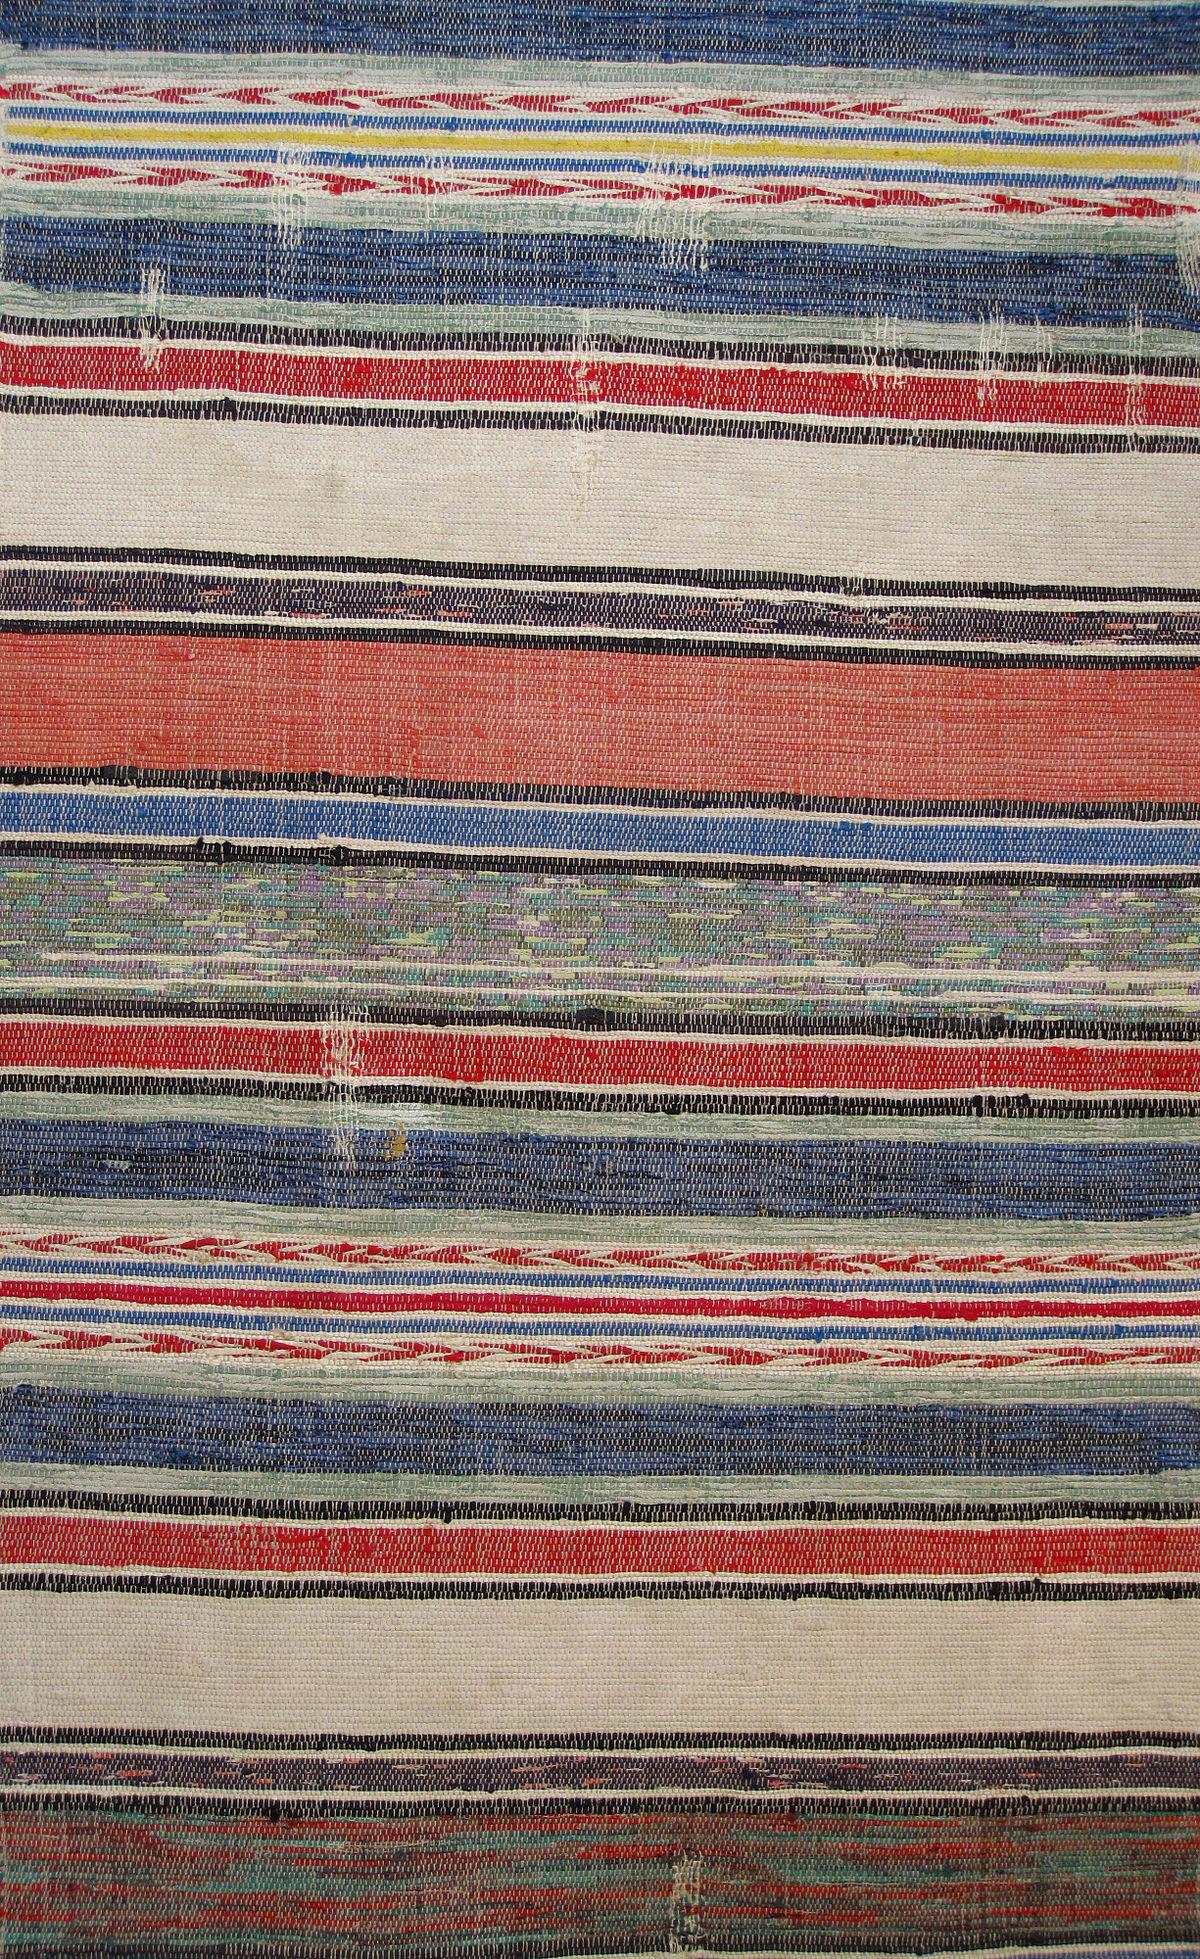 Allgäuer Teppiche allgäuer bändelteppich